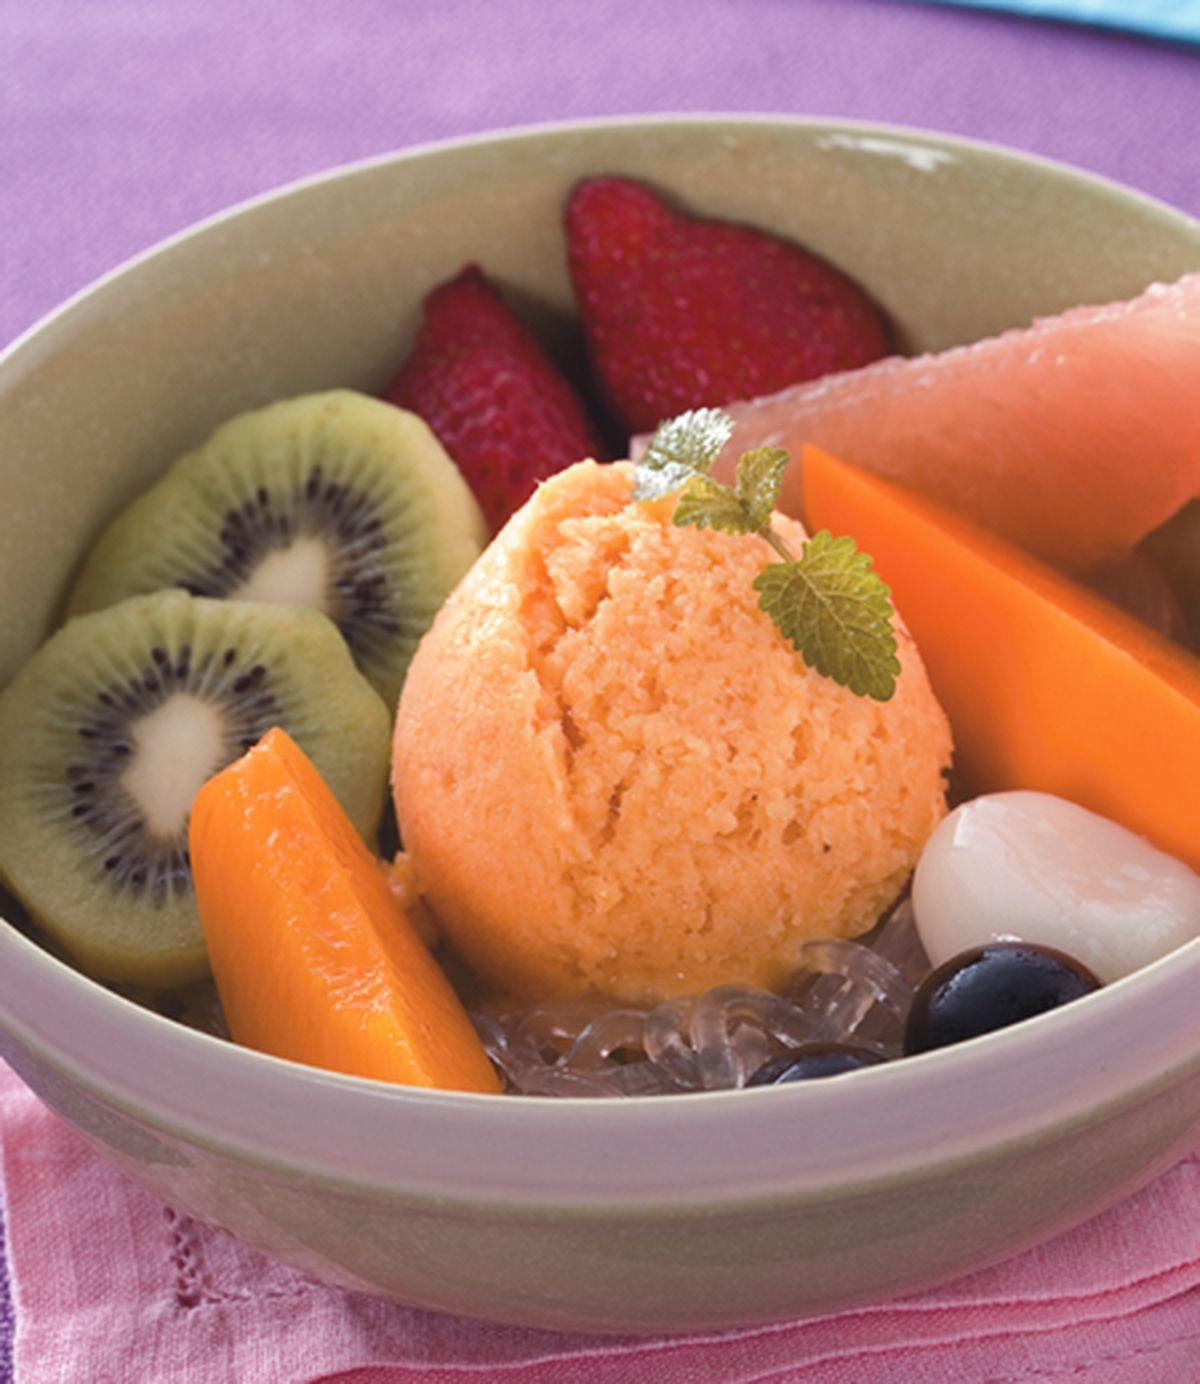 食譜:冰淇淋蜜果